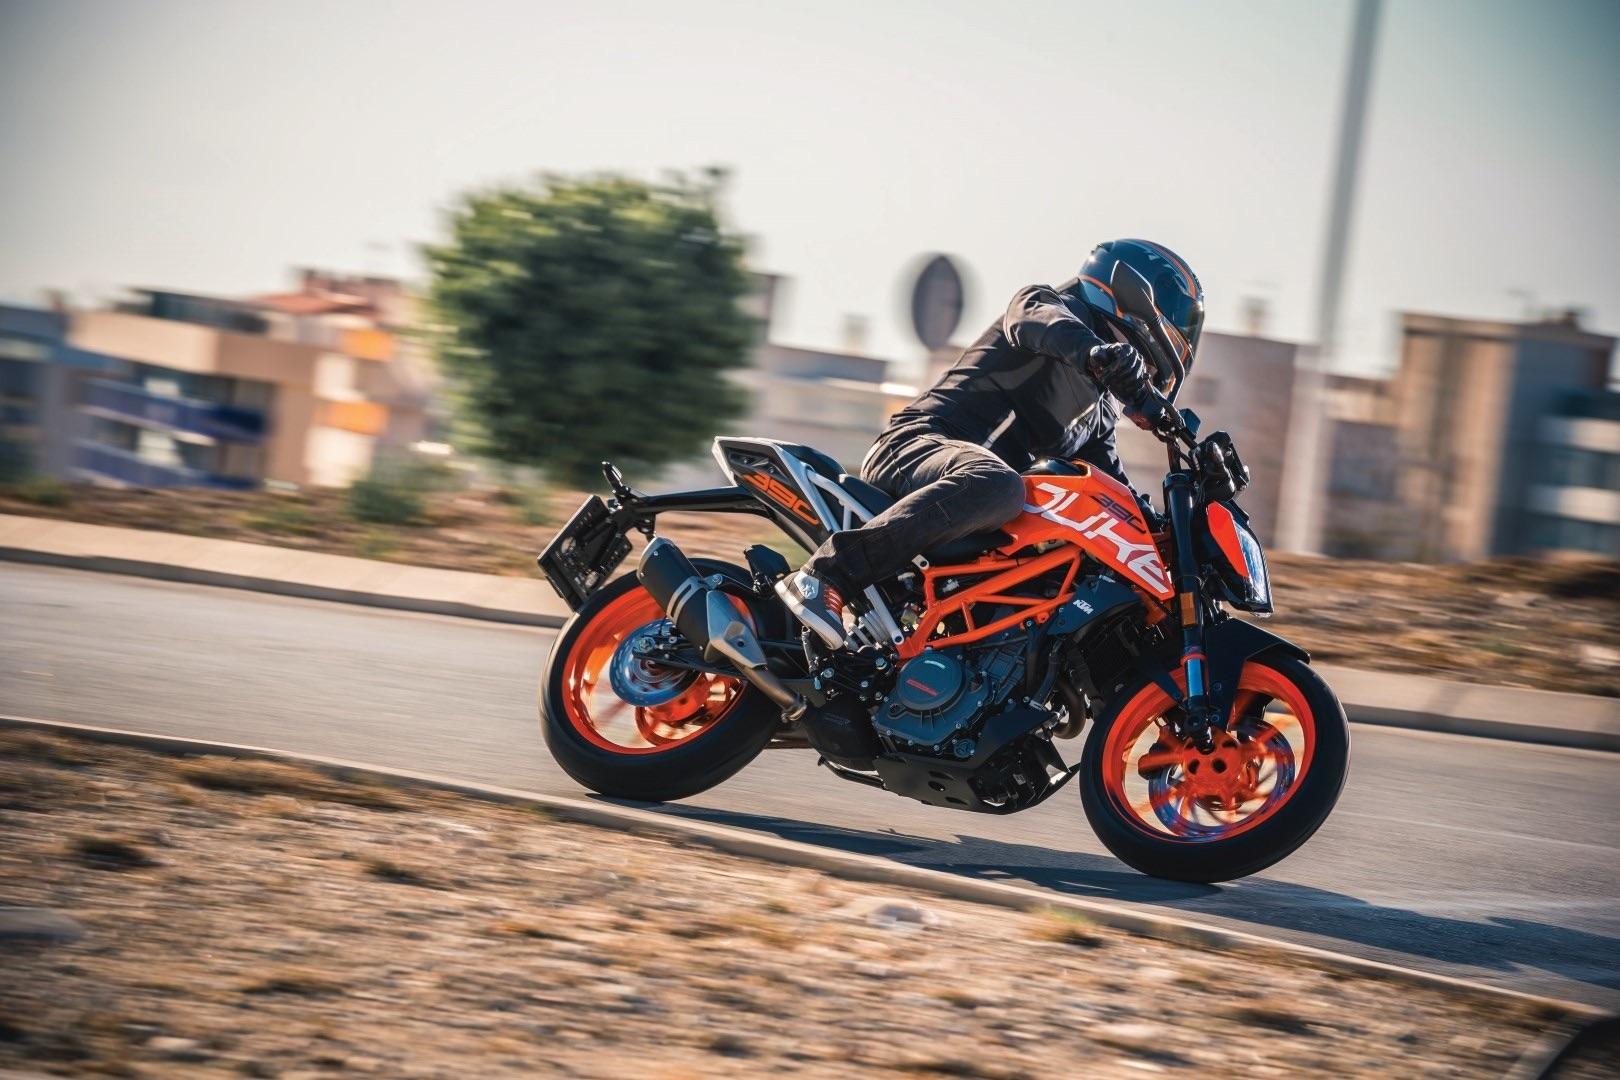 Sí, algunas motos se fabrican en India y China y no es ninguna catástrofe